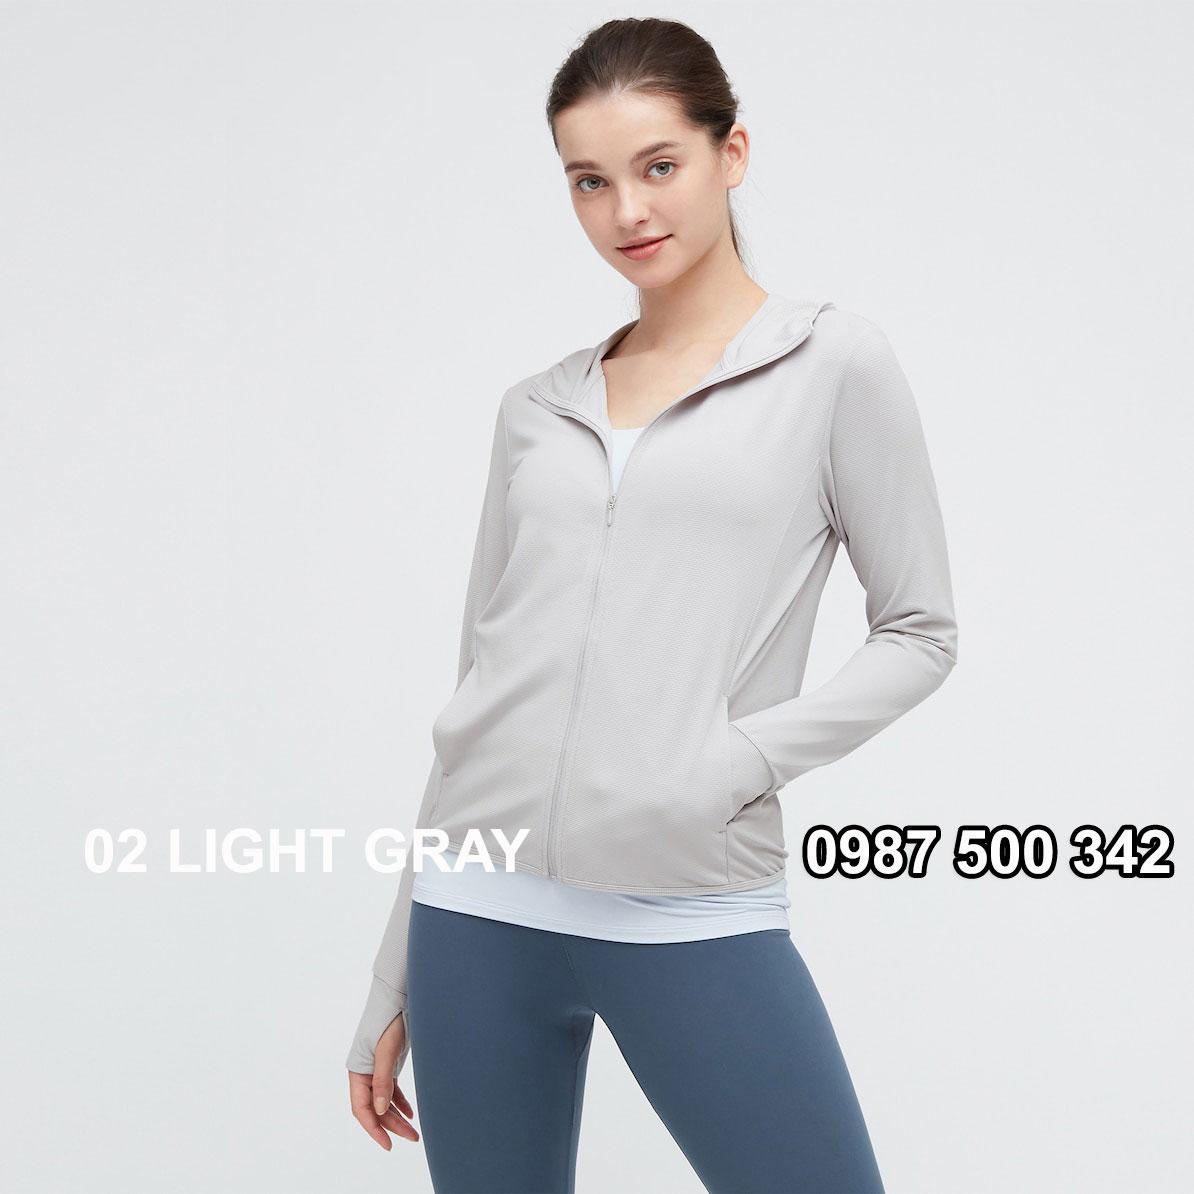 Áo chống nắng nữ AIRism hoodie chống UV vải mắt lưới mẫu mới 2021 433703 màu ghi nhạt 02 LIGHT GRAY